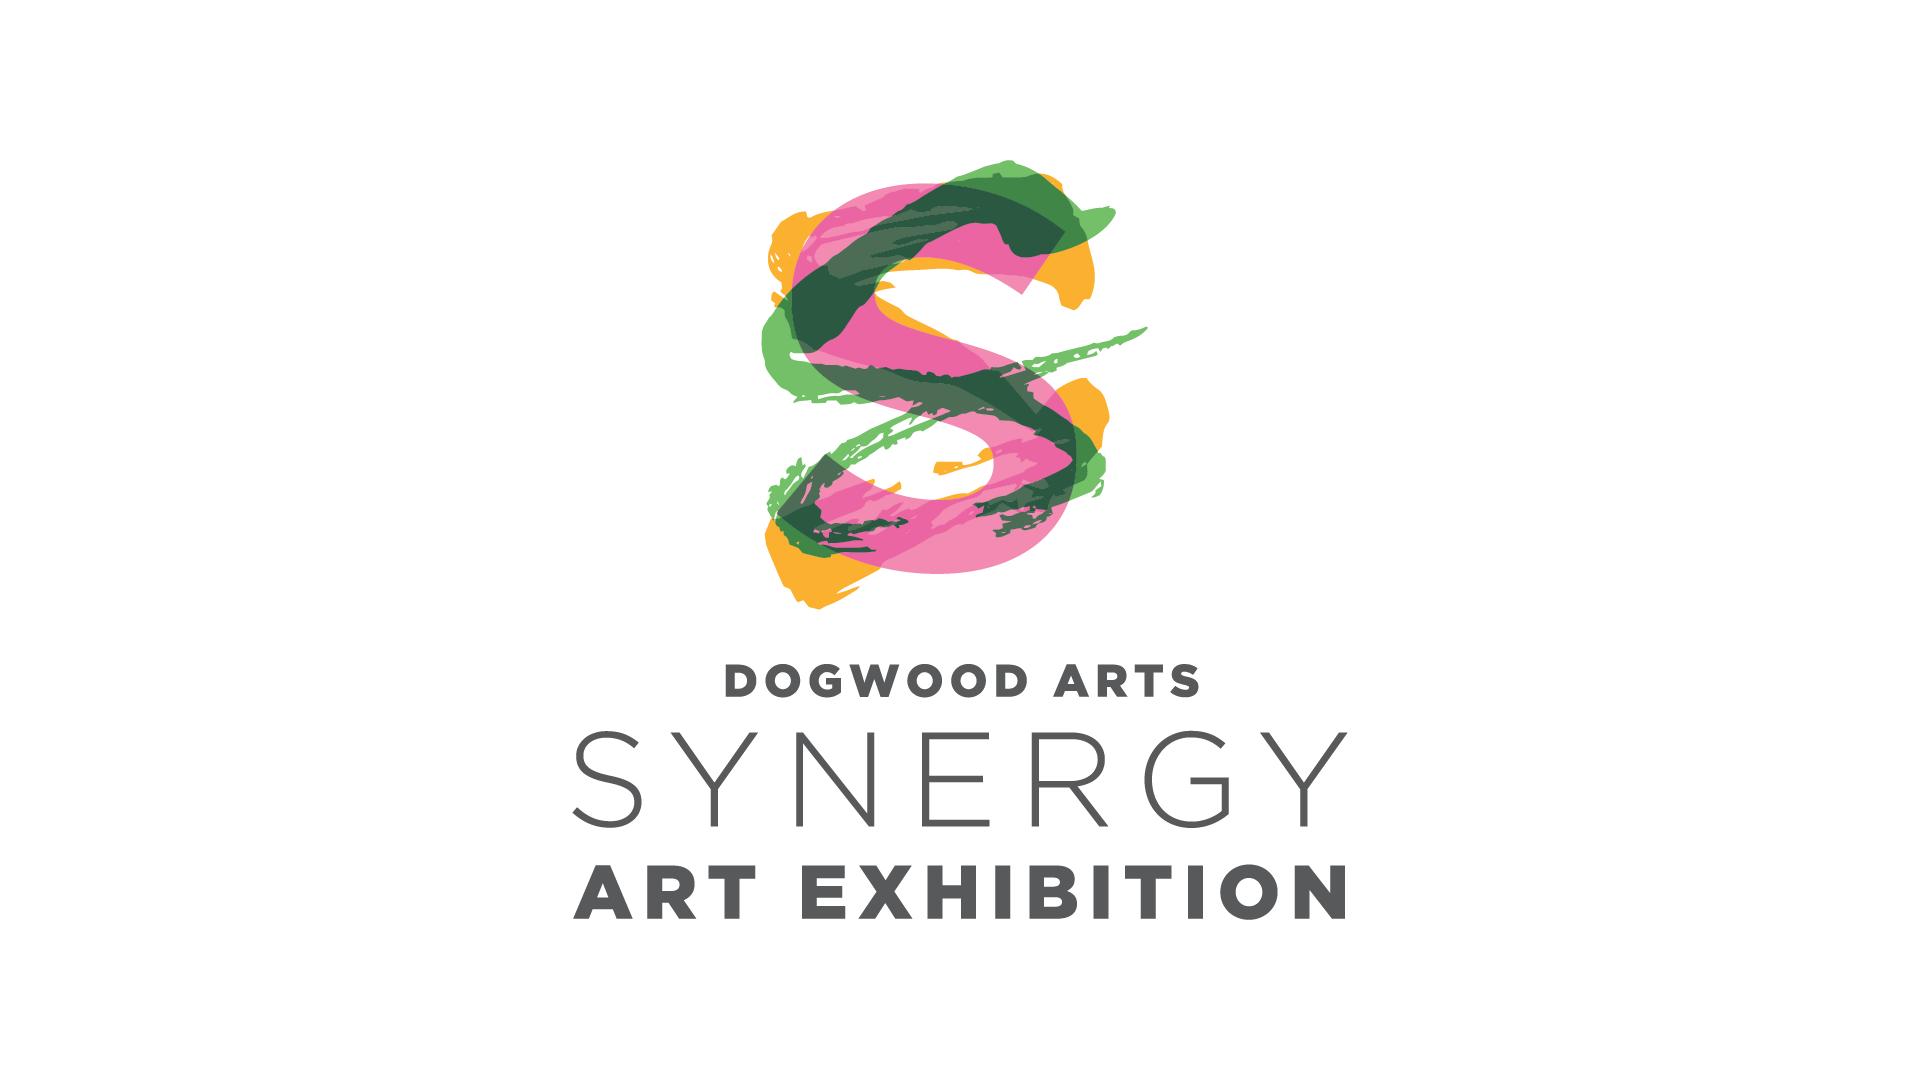 Dogwood Arts Synergy Art Exhibition logo